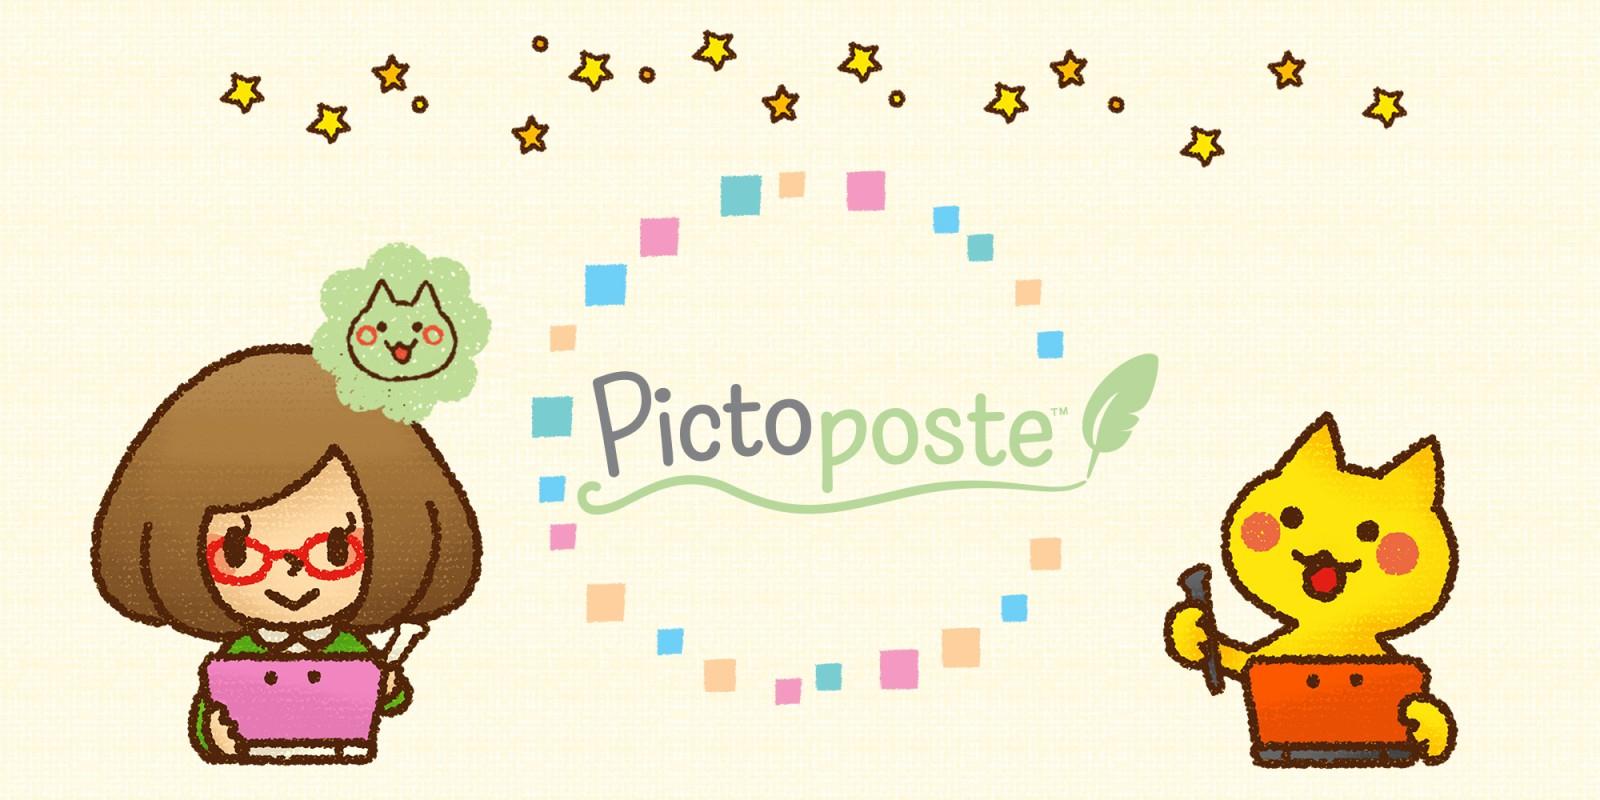 Pictoposte | Jeux À Télécharger Sur Nintendo 3Ds | Jeux concernant Jeu De Lettres Gratuit A Telecharger